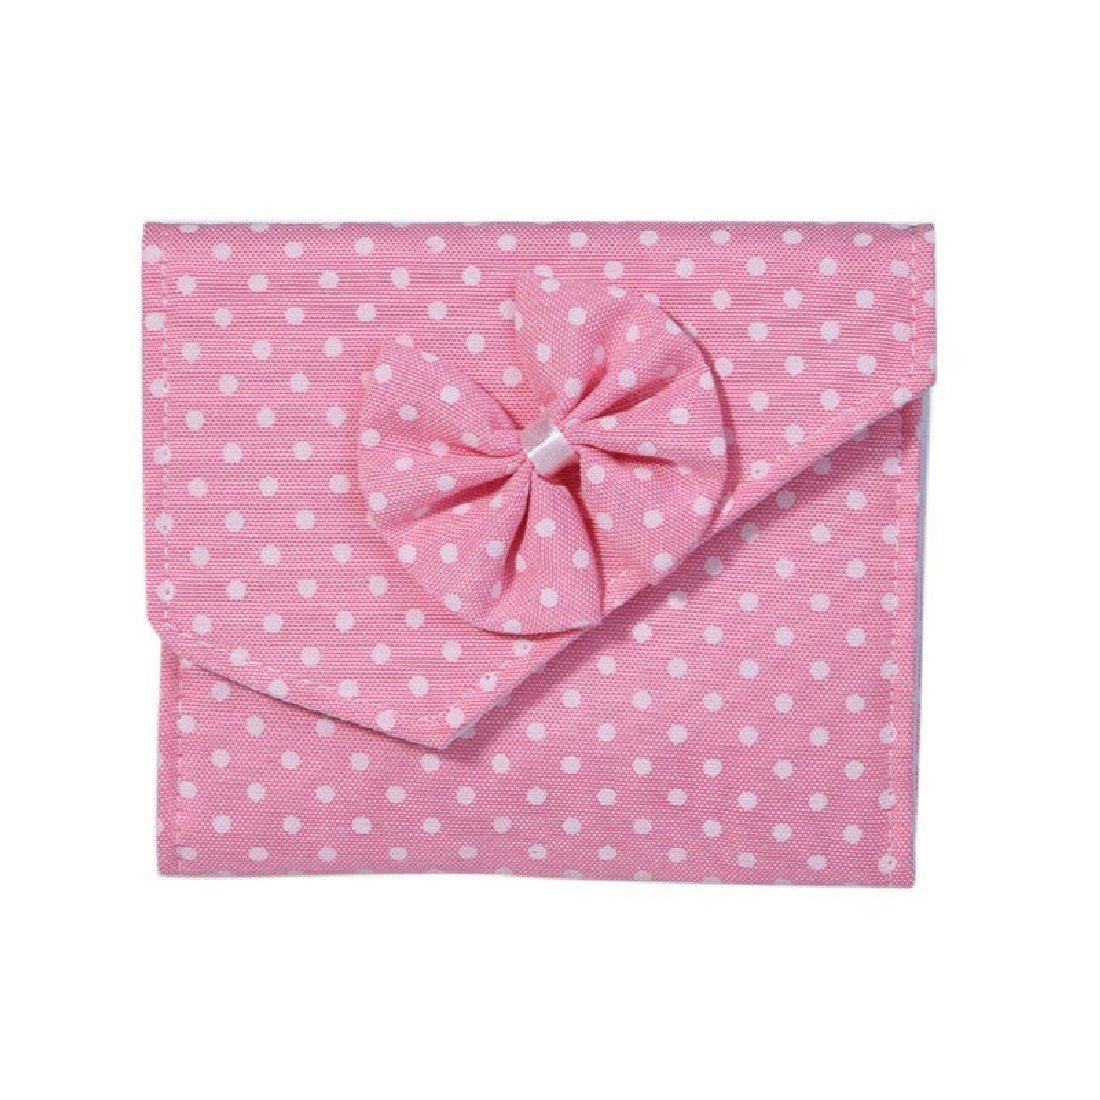 Mädchen Dame Sanitary Servietten Pads Frauen Beutel Kleine Mini Aufbewahrungsbox Tasche Kleine Artikel Gather Pouch Fall Tasche Farbe zufällig Luwu-Store TRTA11A